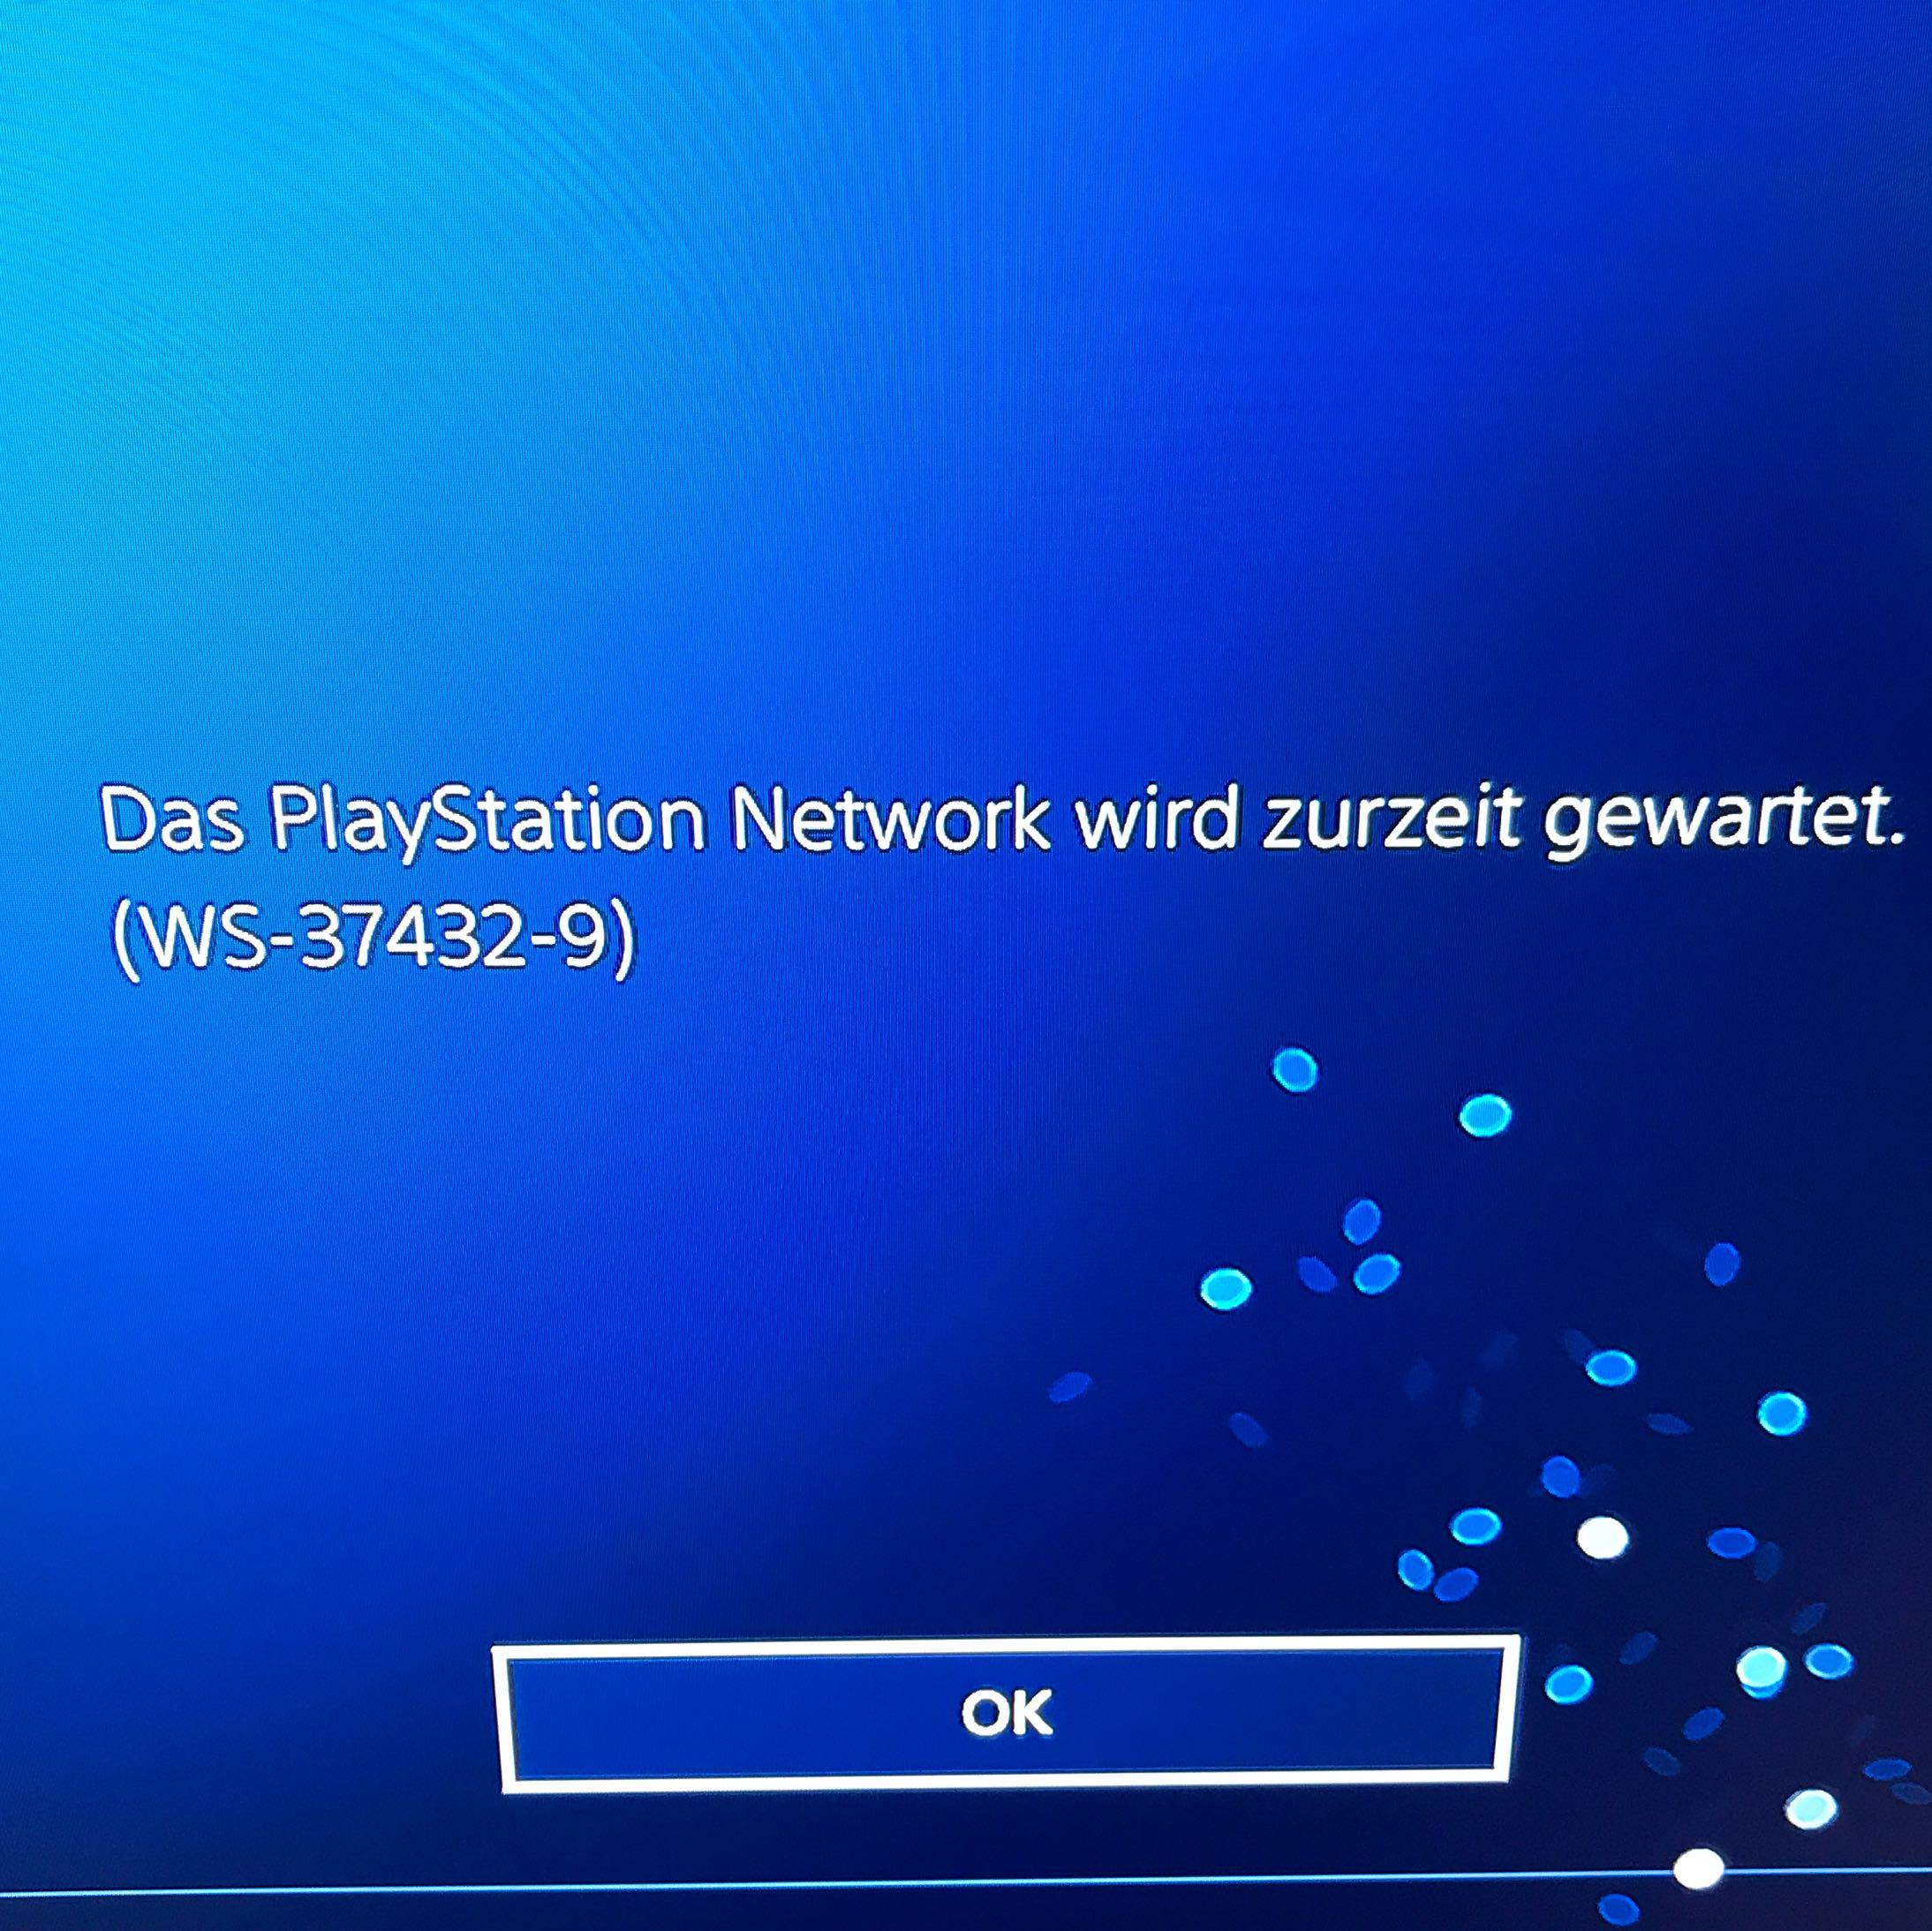 Playstation Network Wird Derzeit Gewartet